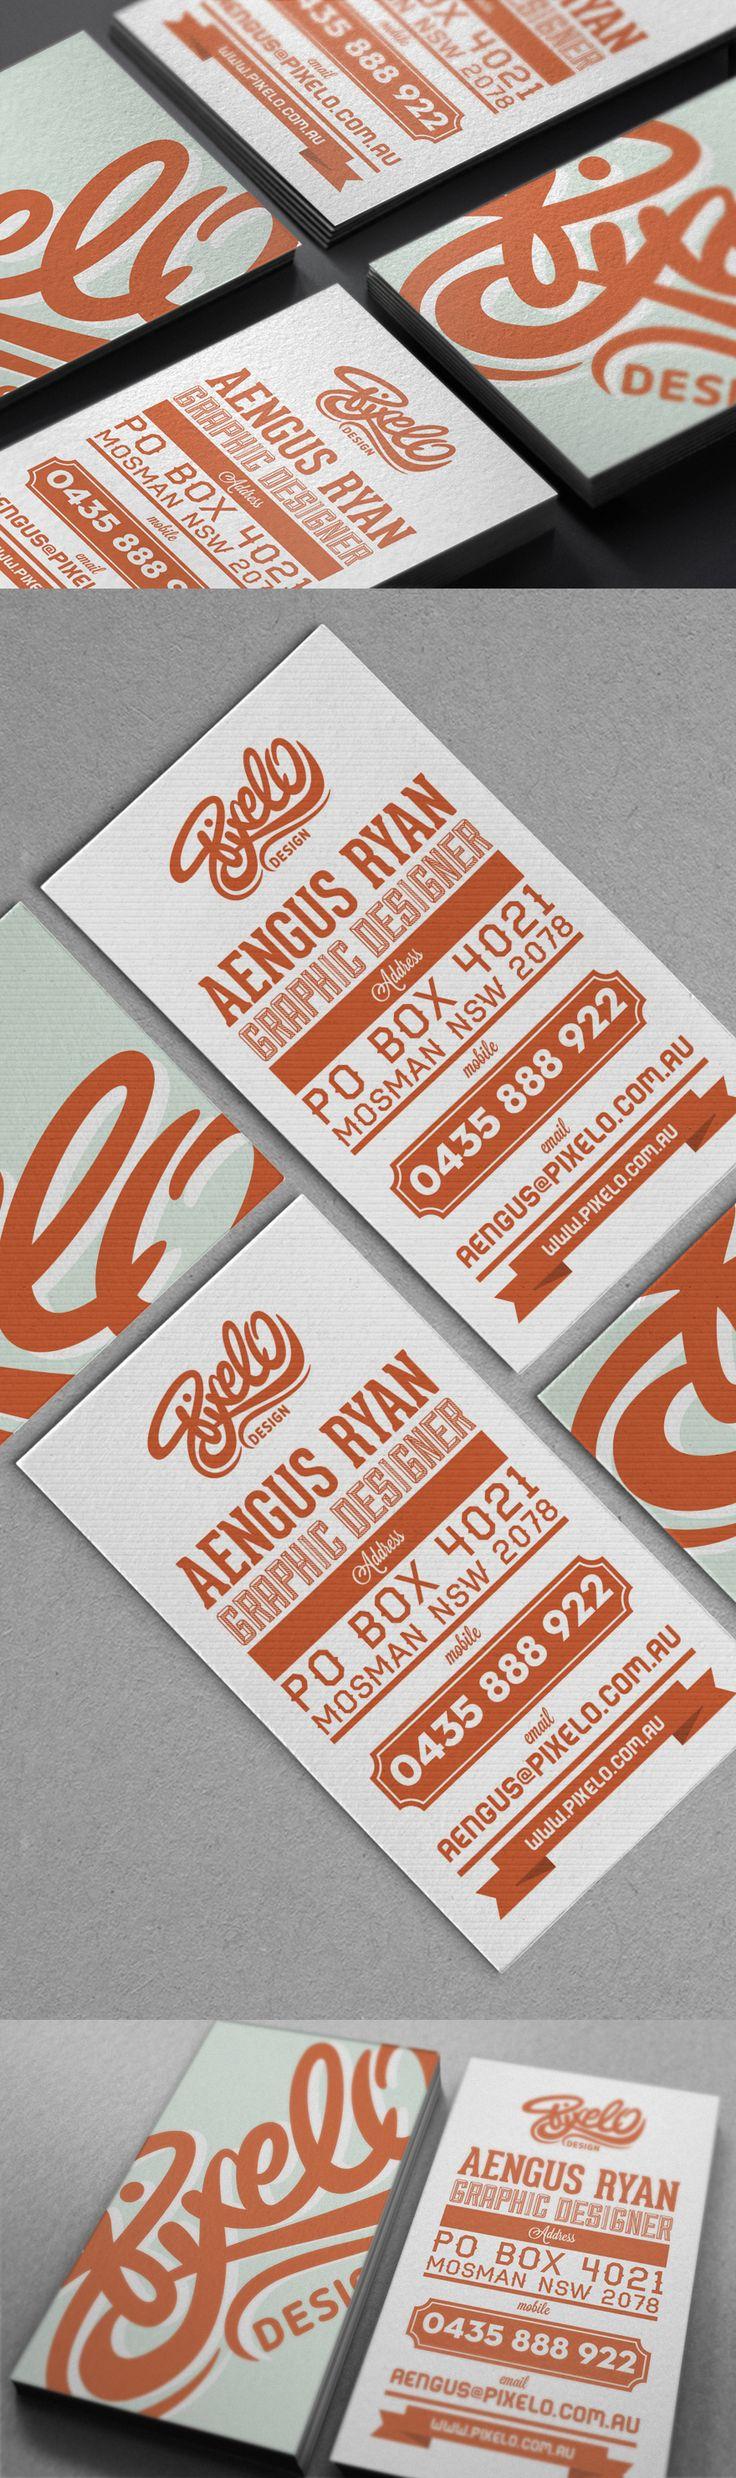 Mais de 30 Inspirações em Cartões de Visitas   Des1gn ON - Blog de Design e Inspiração.